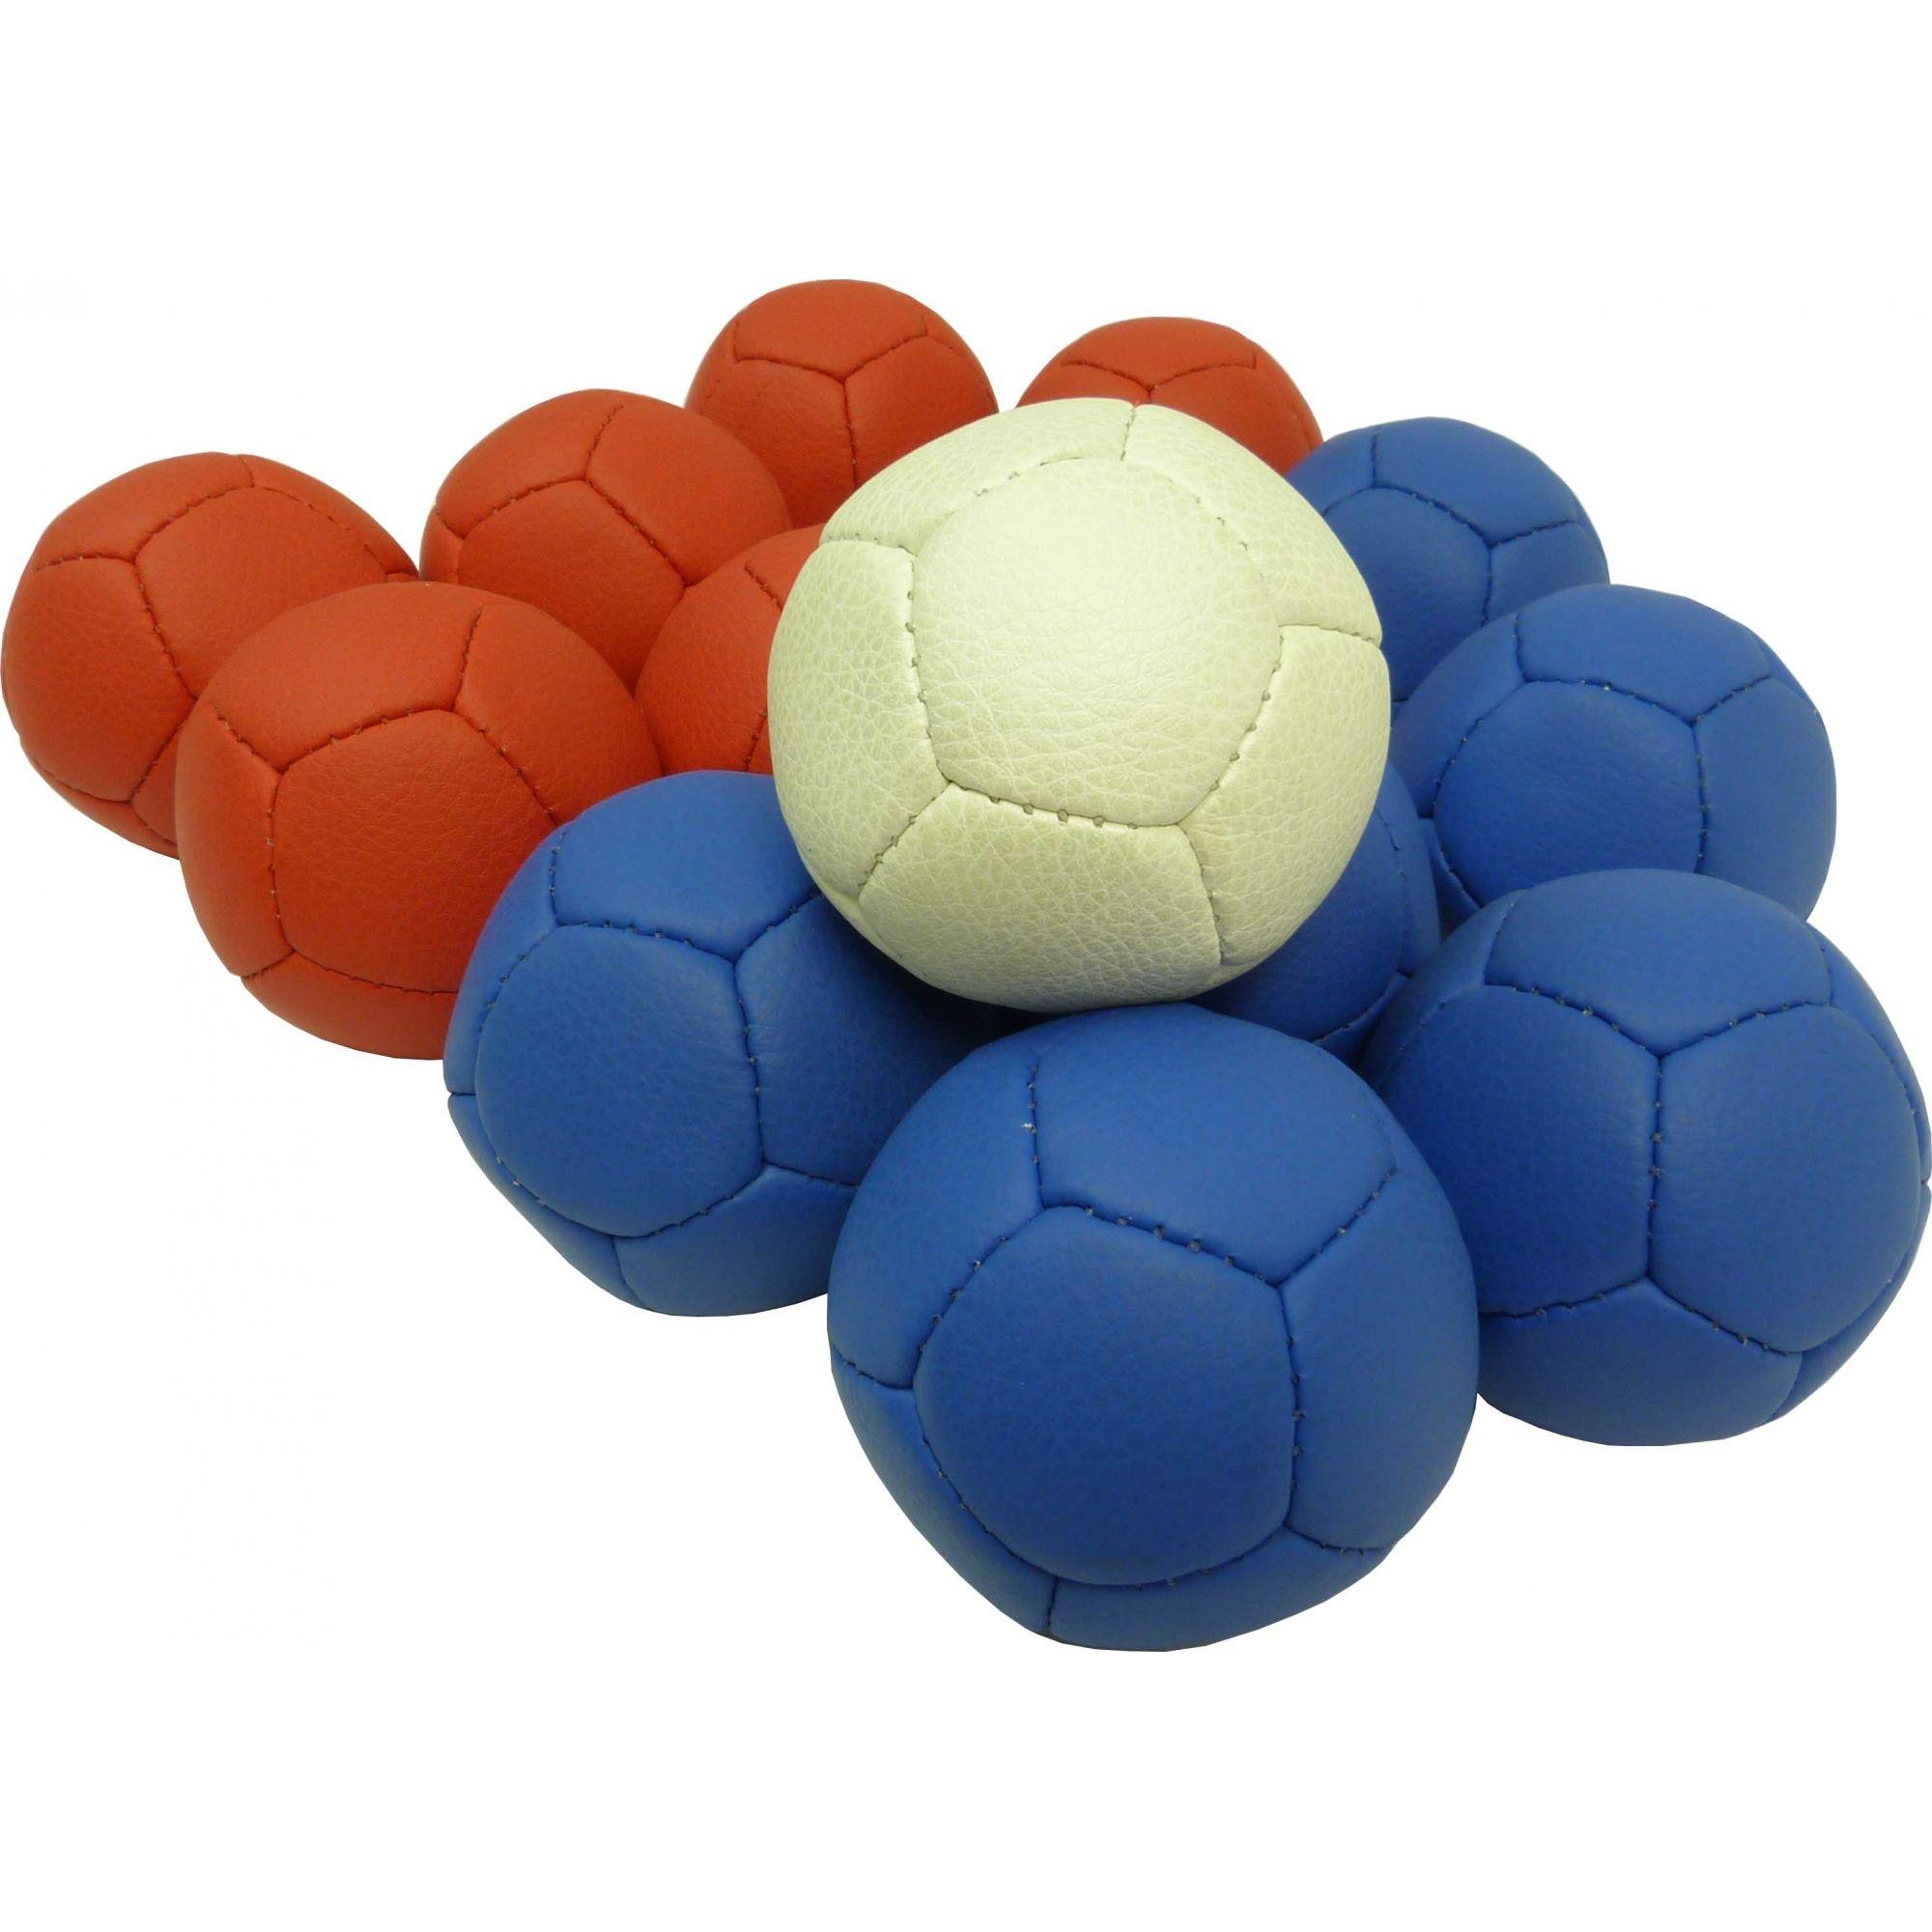 Jogo de Bocha Adaptado Handi Life Sports